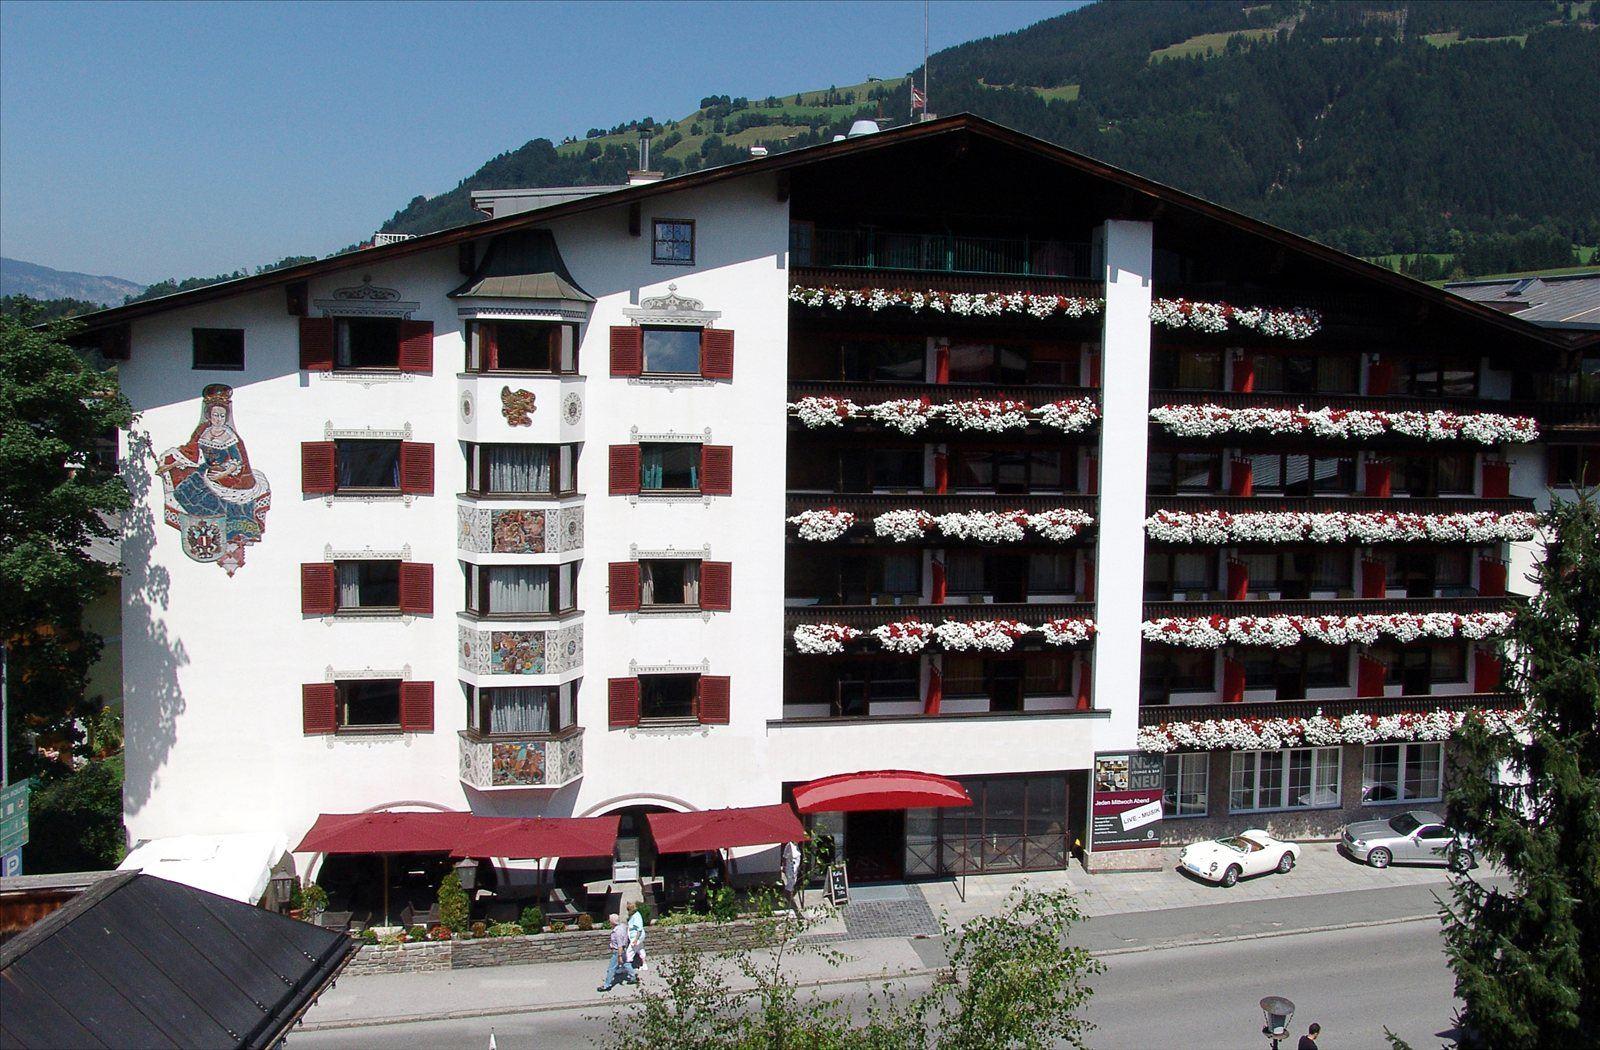 Hotel Q! Maria Theresia